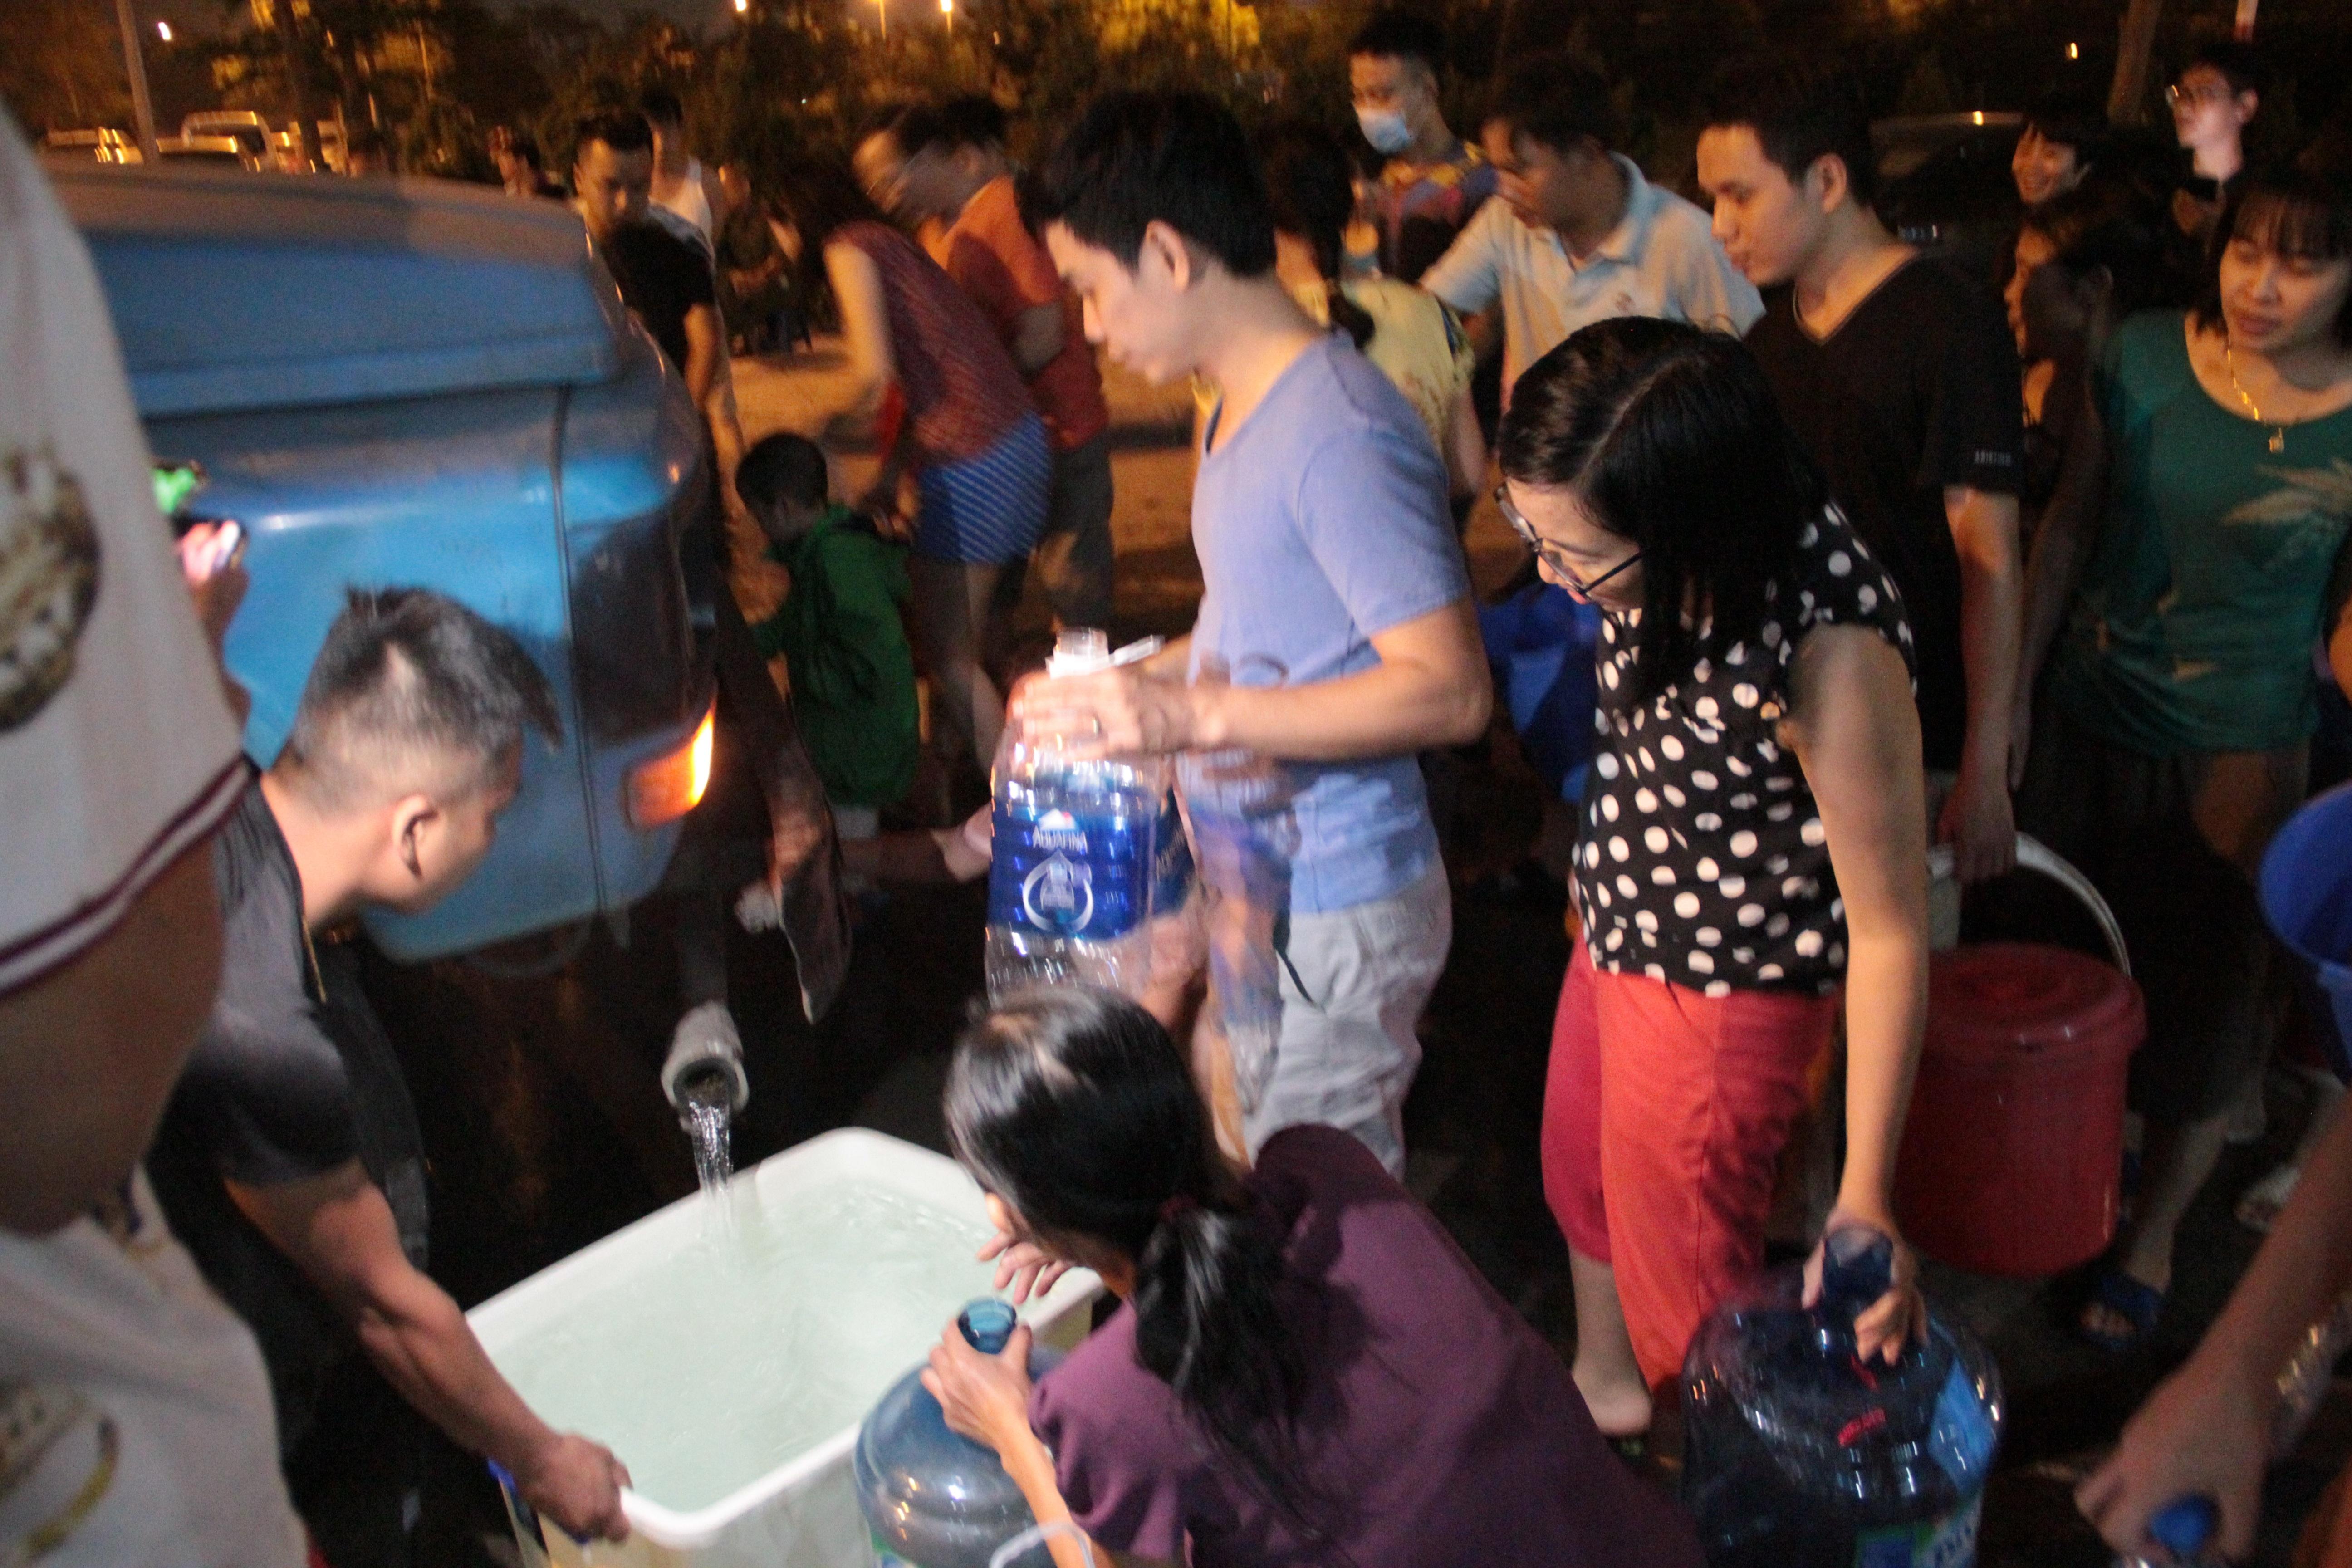 Dân Hà Nội xếp hàng từ đêm khuya, lấy cả nước từ... bể bơi về dùng - 6